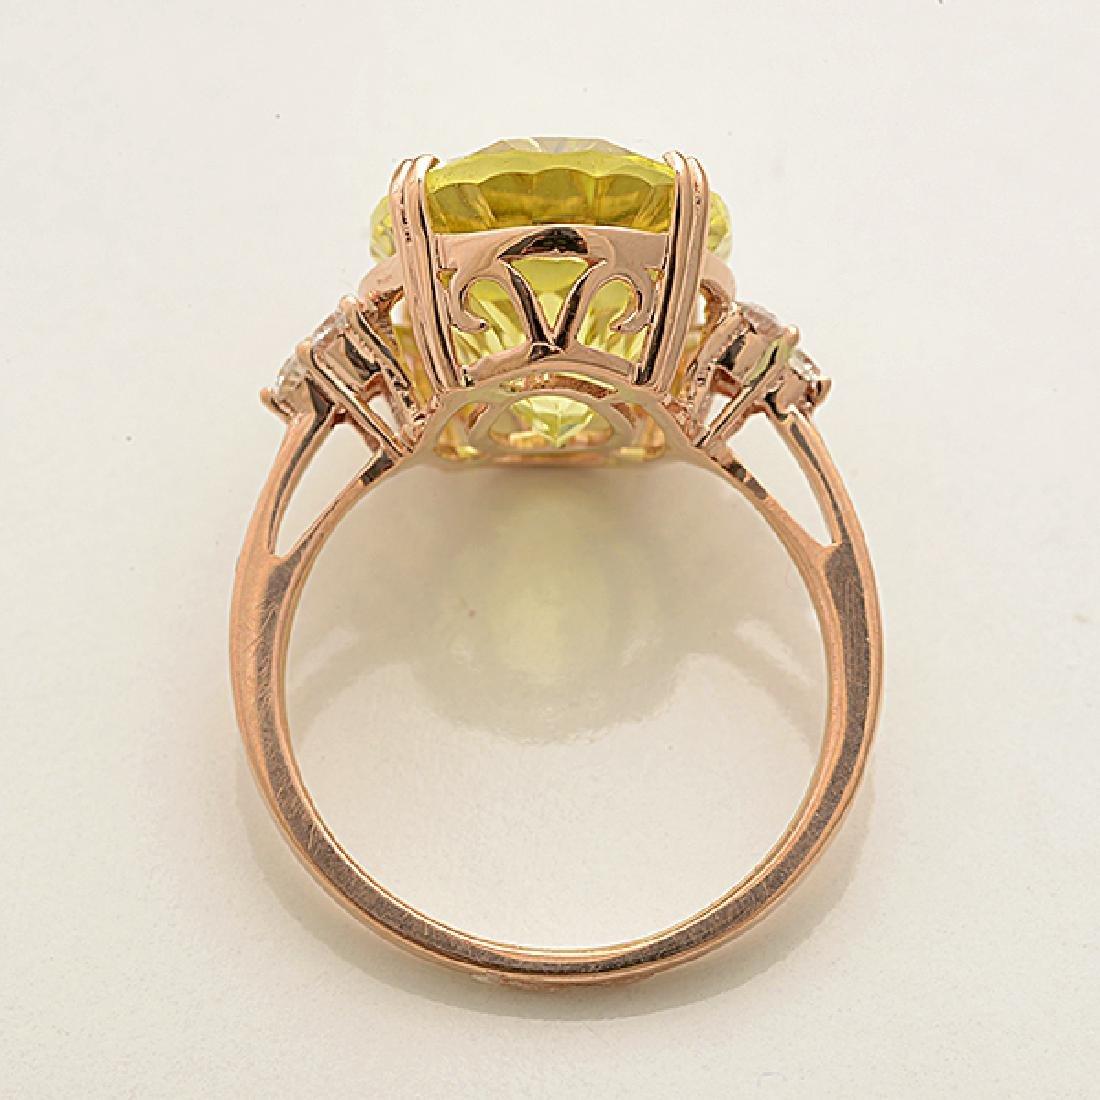 Lemon Quartz, Diamond, 14k Rose Gold Ring. - 3